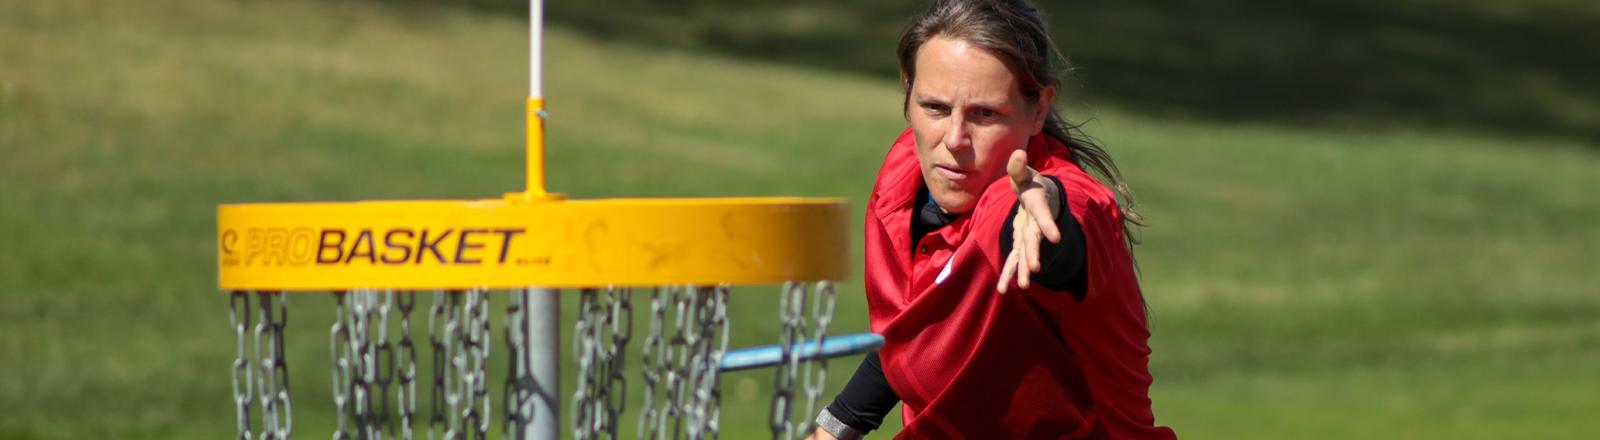 Antonia Faber wirft eine Frisbee in einen Korb